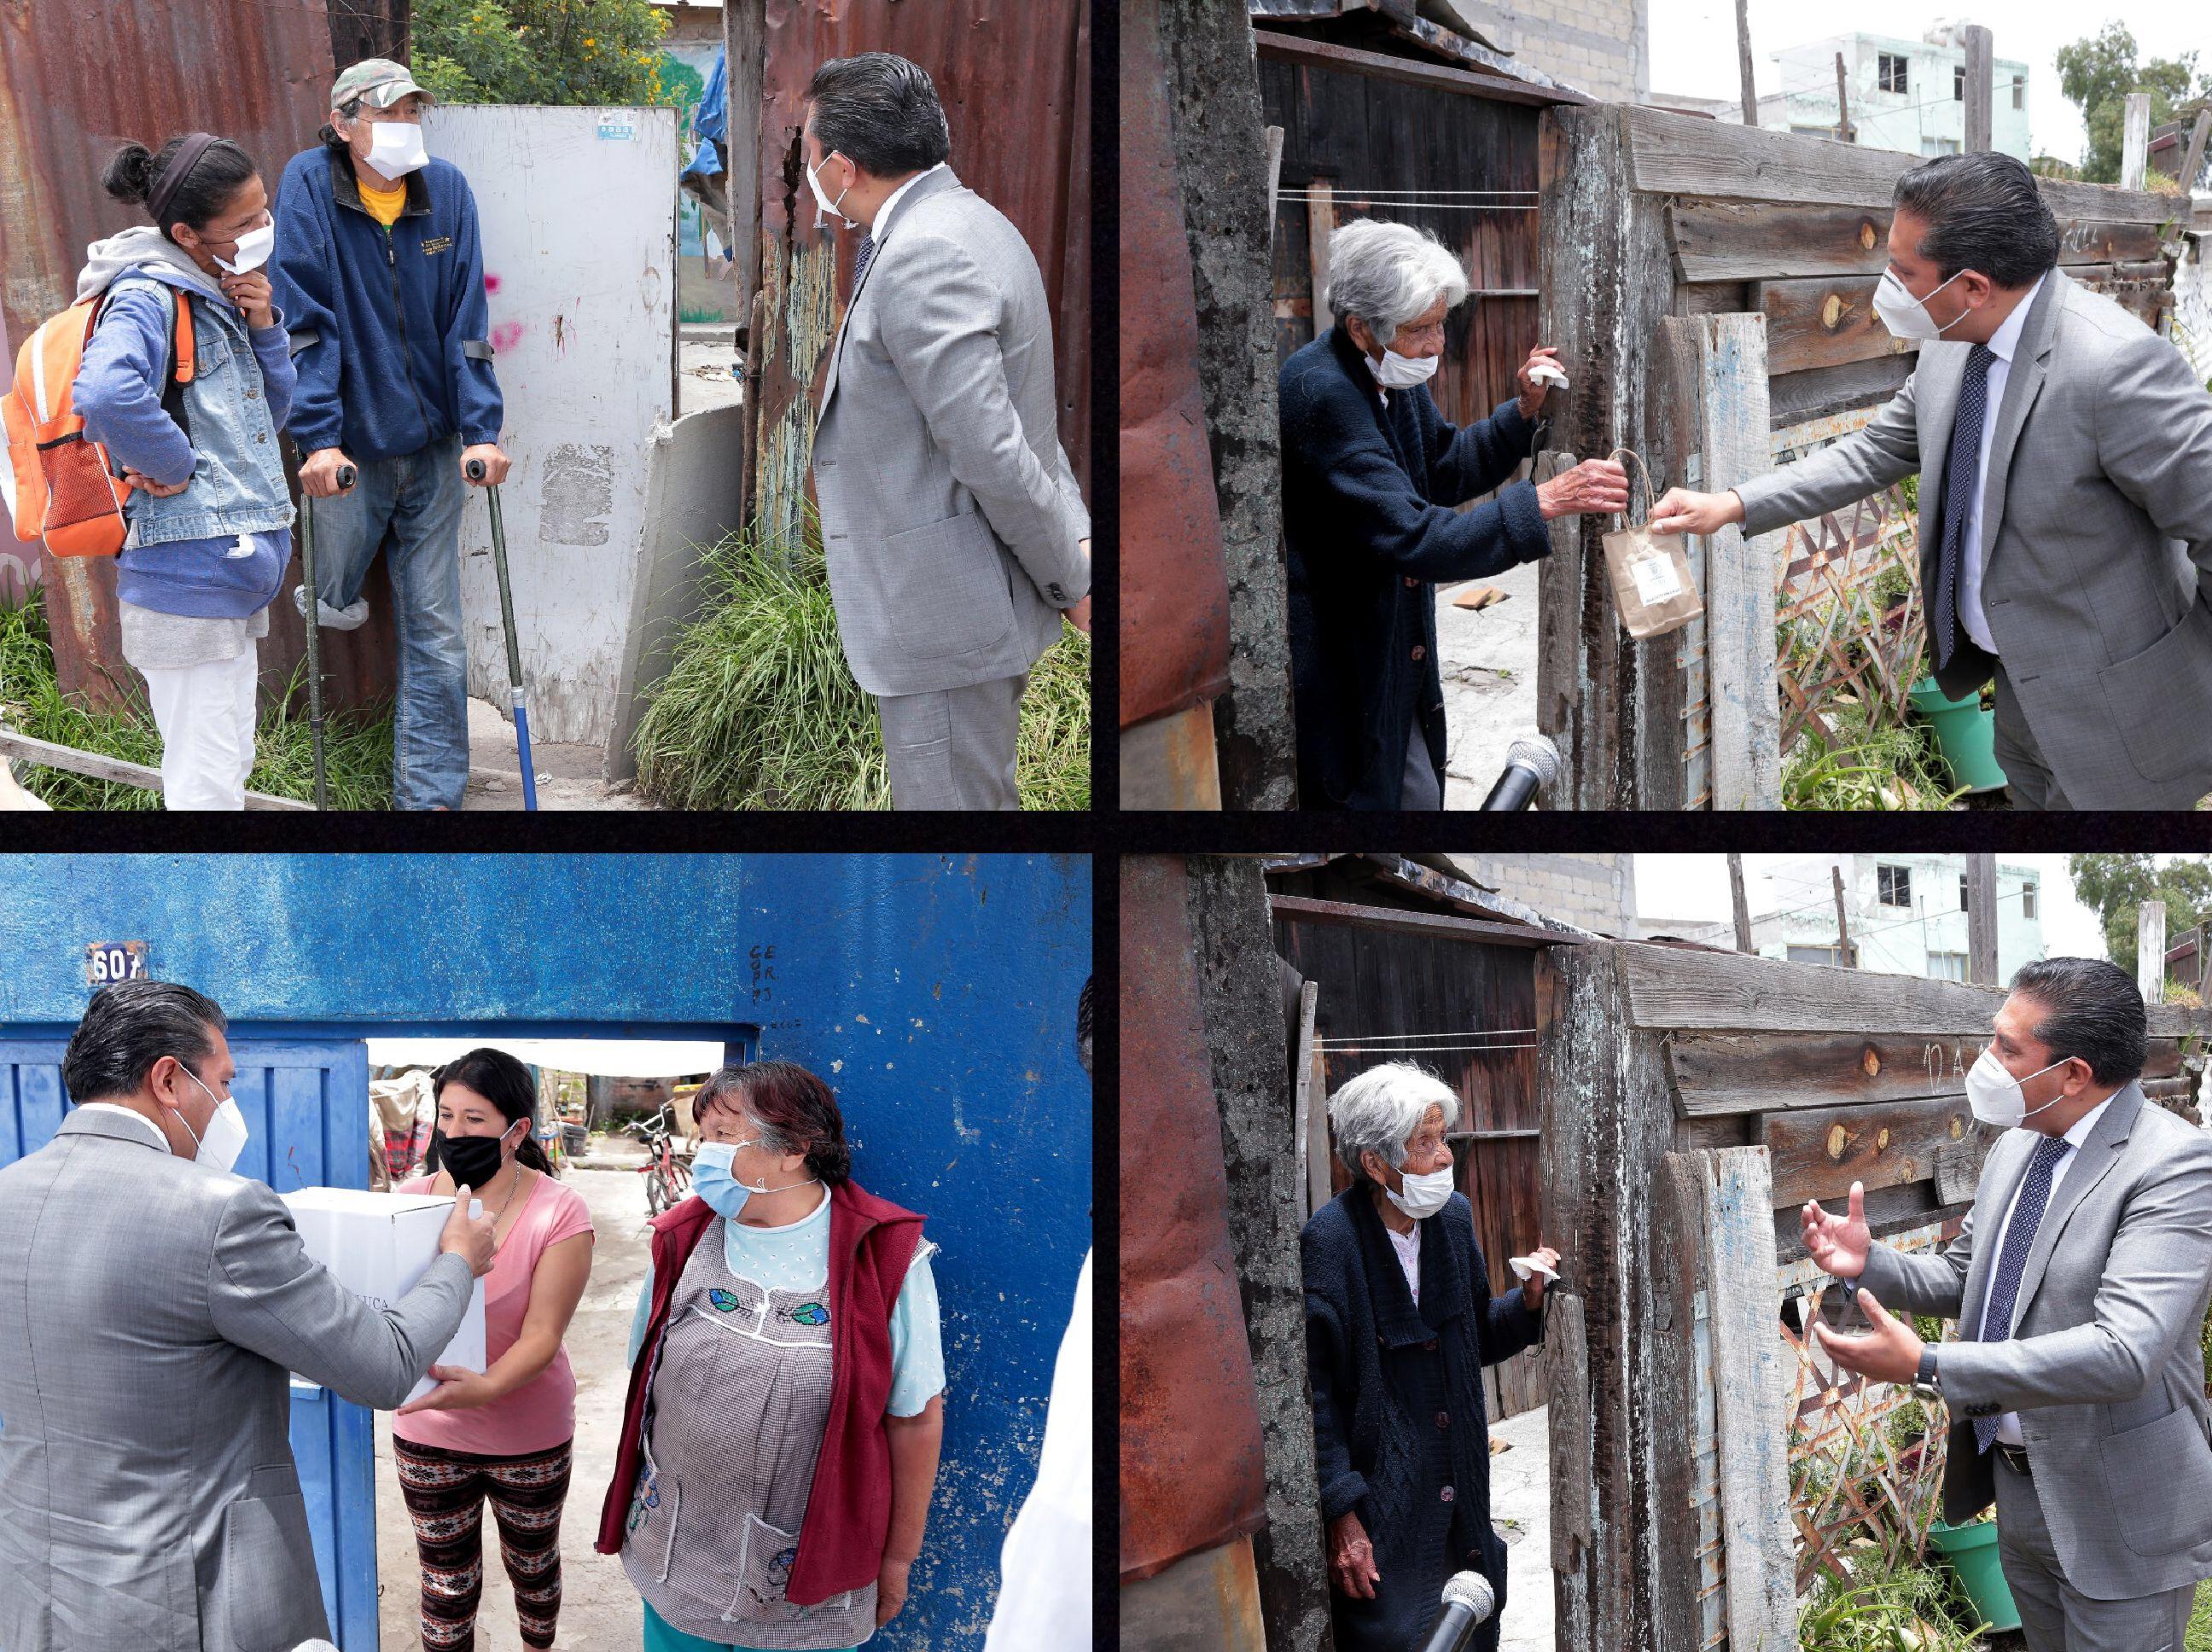 Alivianan contingencia a sectores vulnerables de Toluca